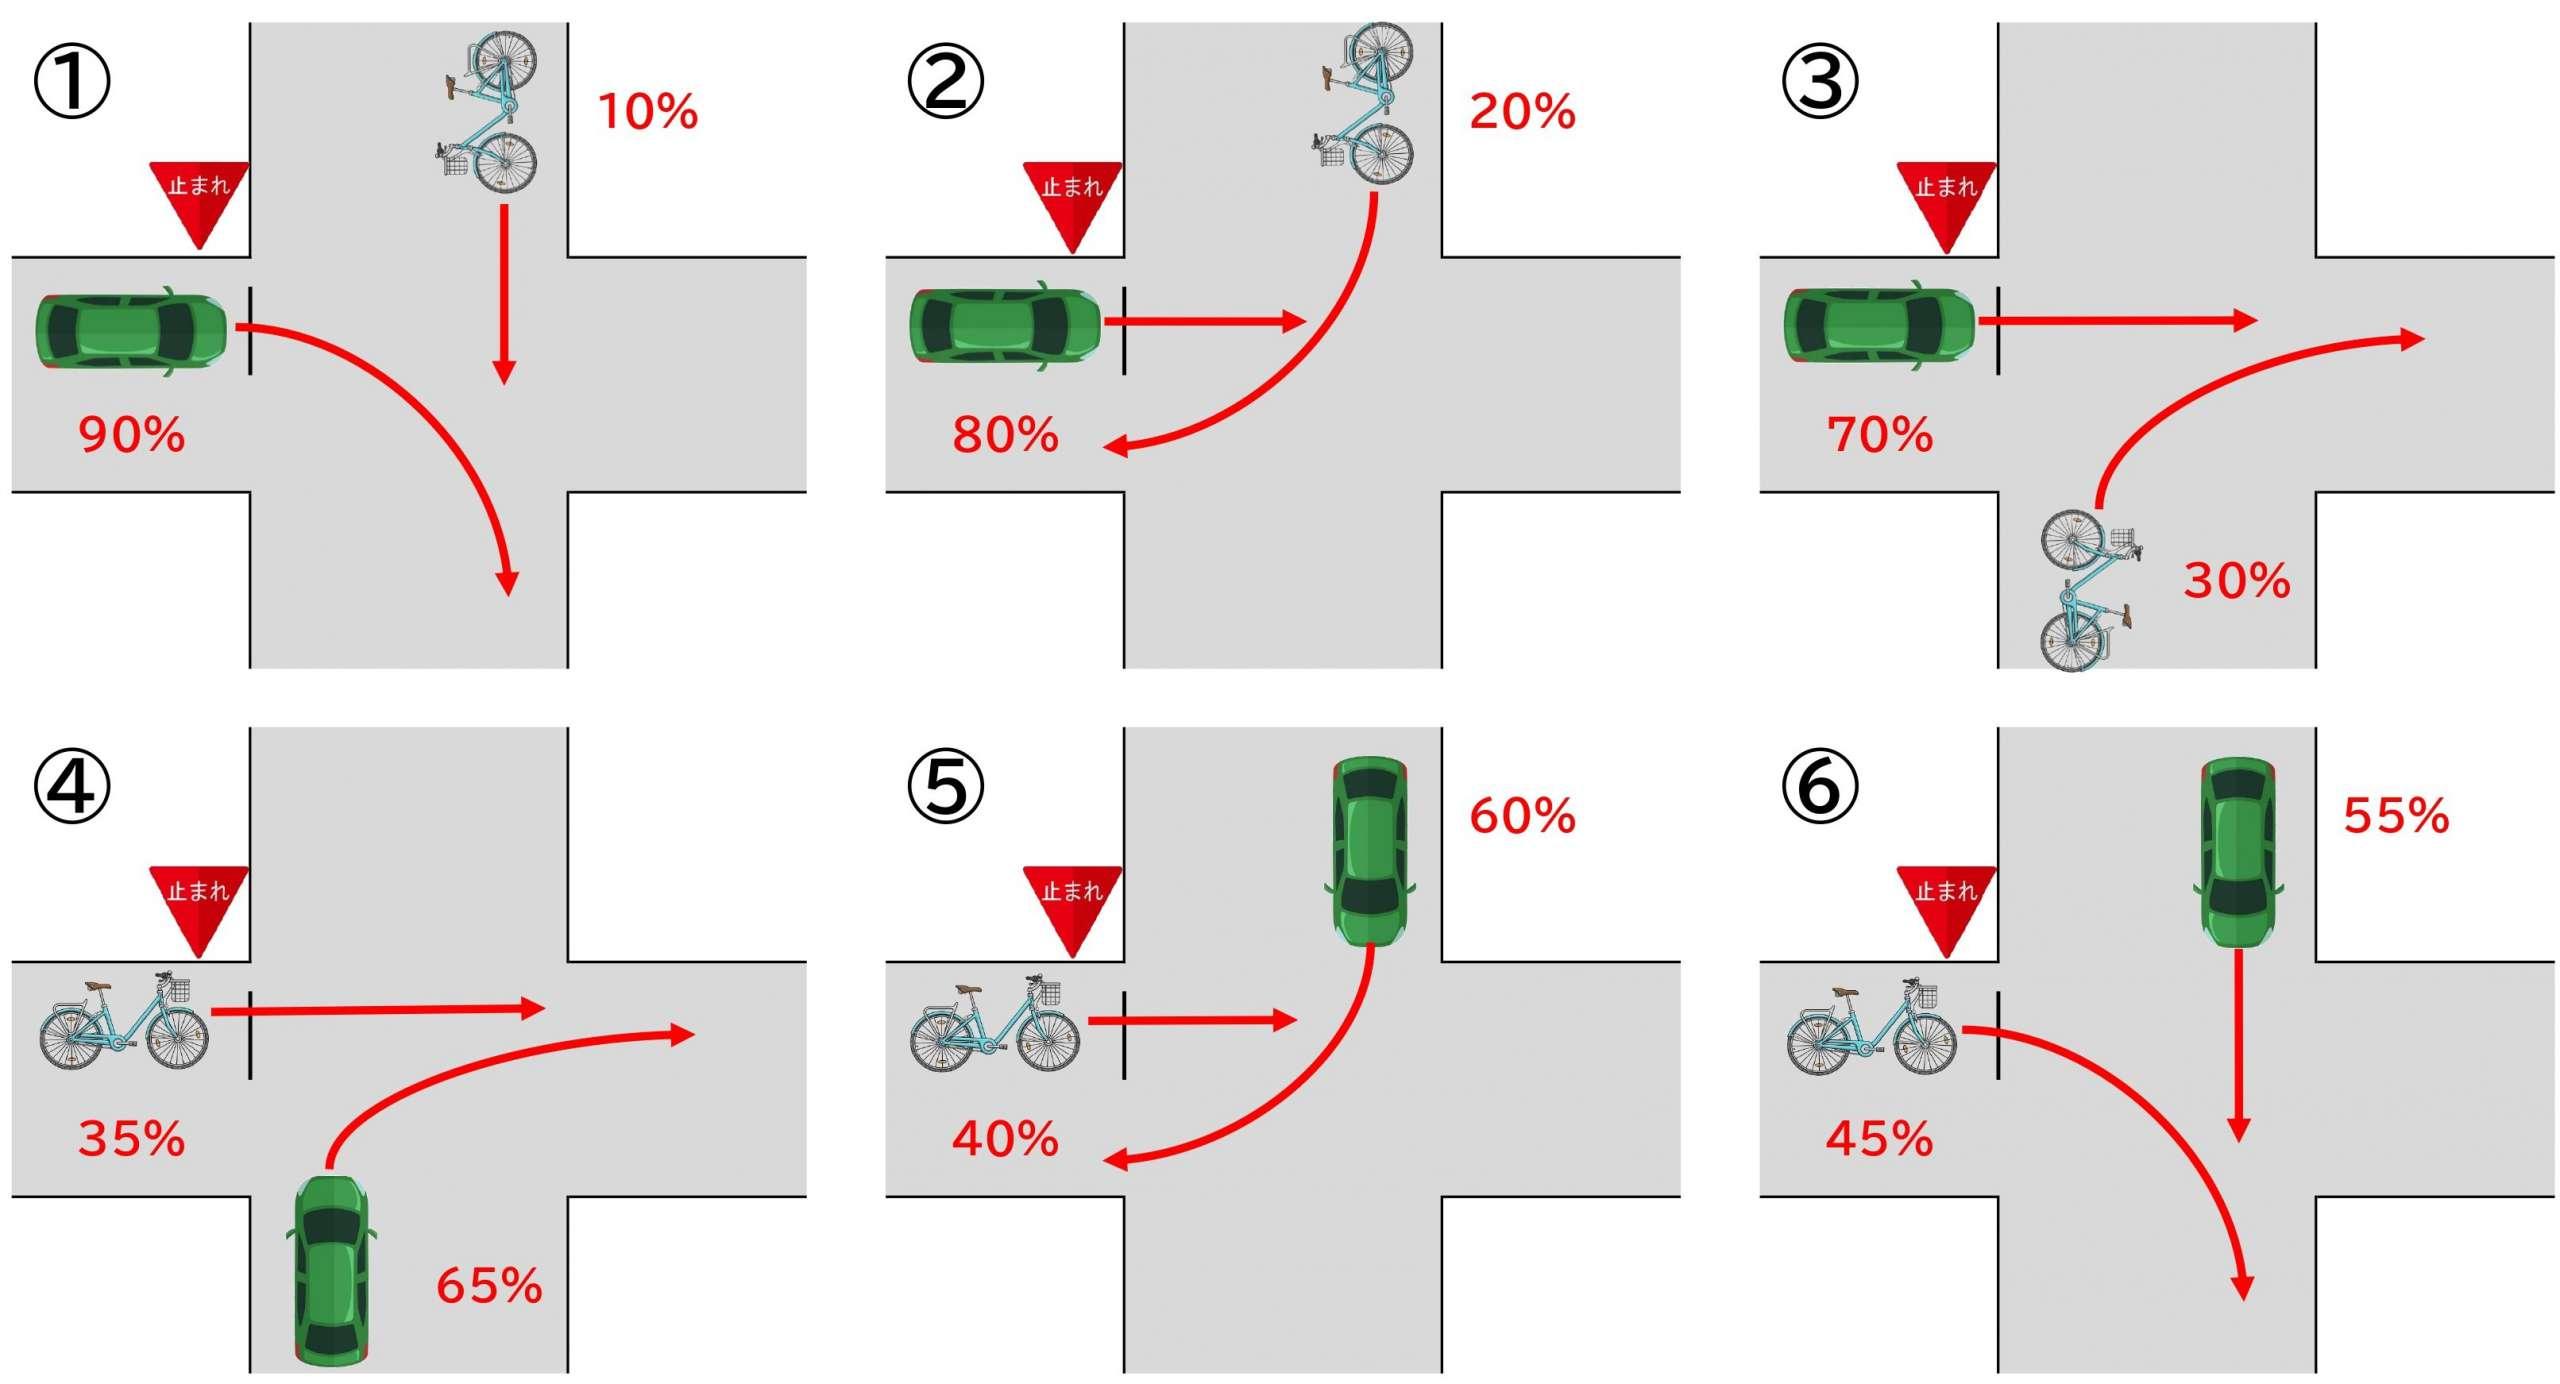 【図】自転車と車/交差点/右折と直進/交差方向/信号なし/一方に一時停止規制